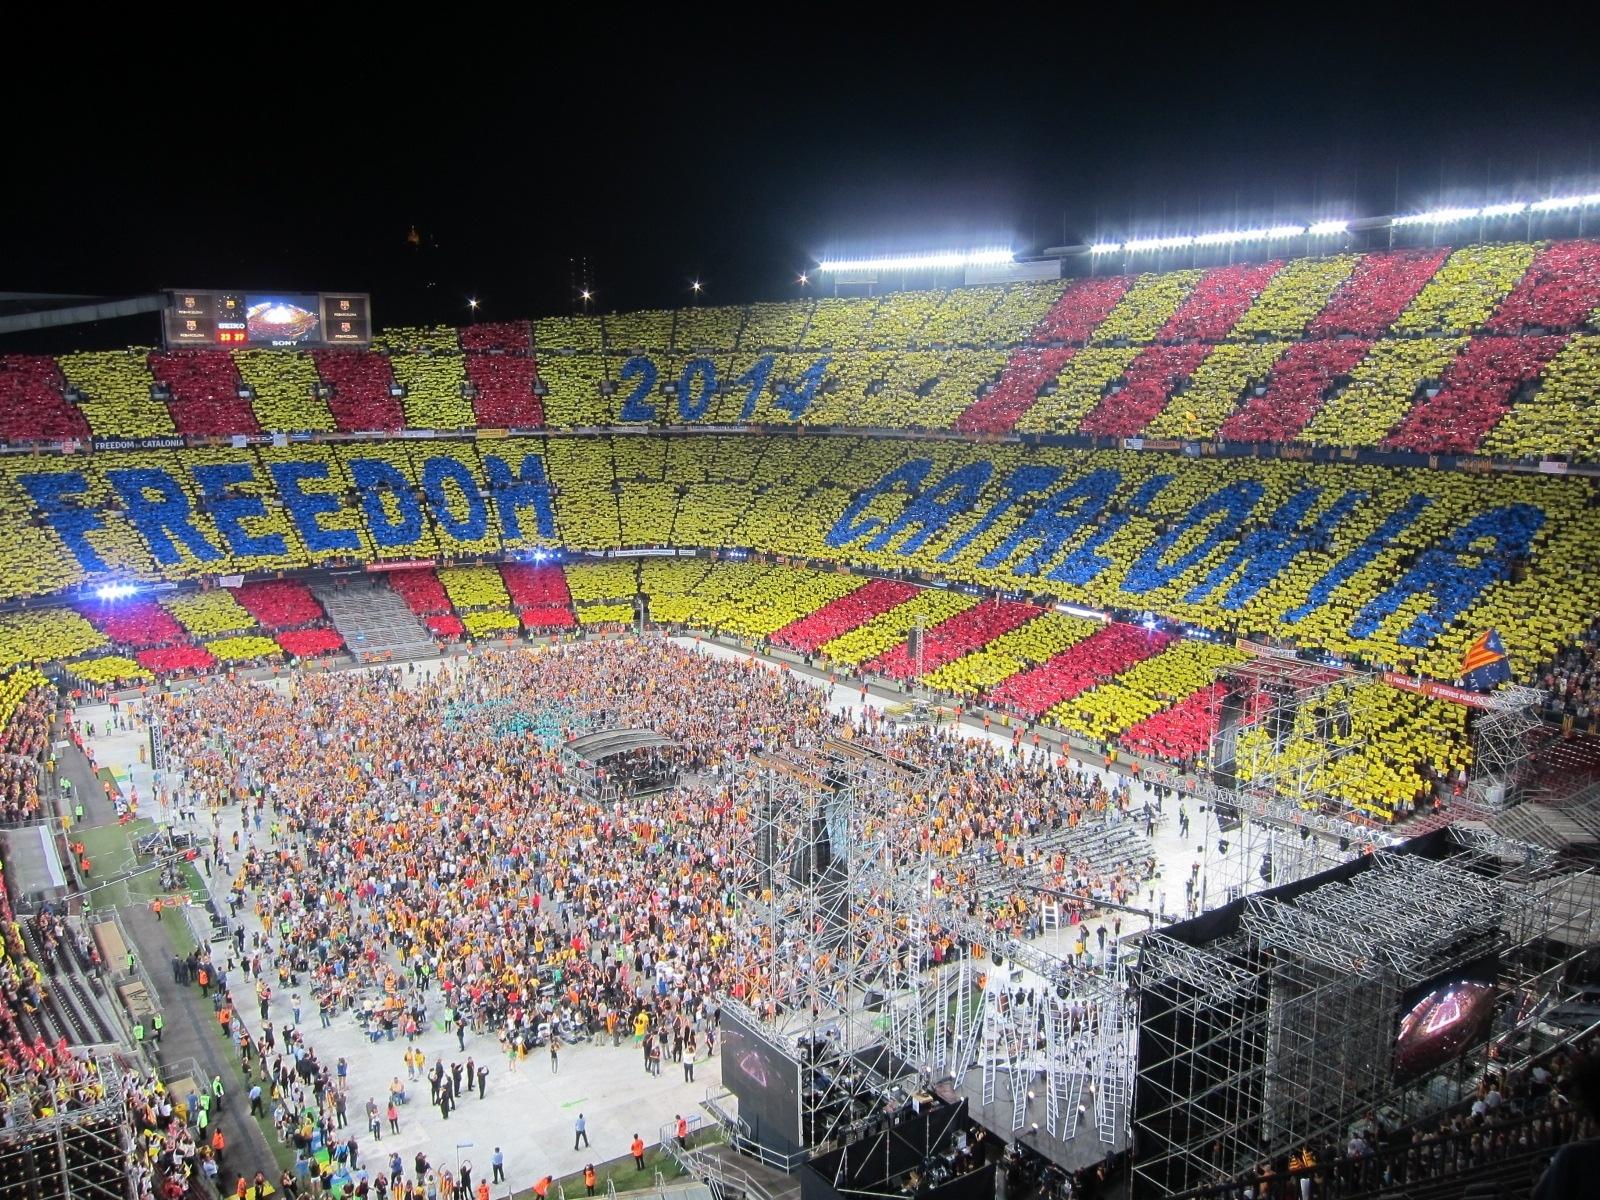 Llach regresa para levantar al Camp Nou con su canto a la «libertad» »Venim del nord, venim del sud»